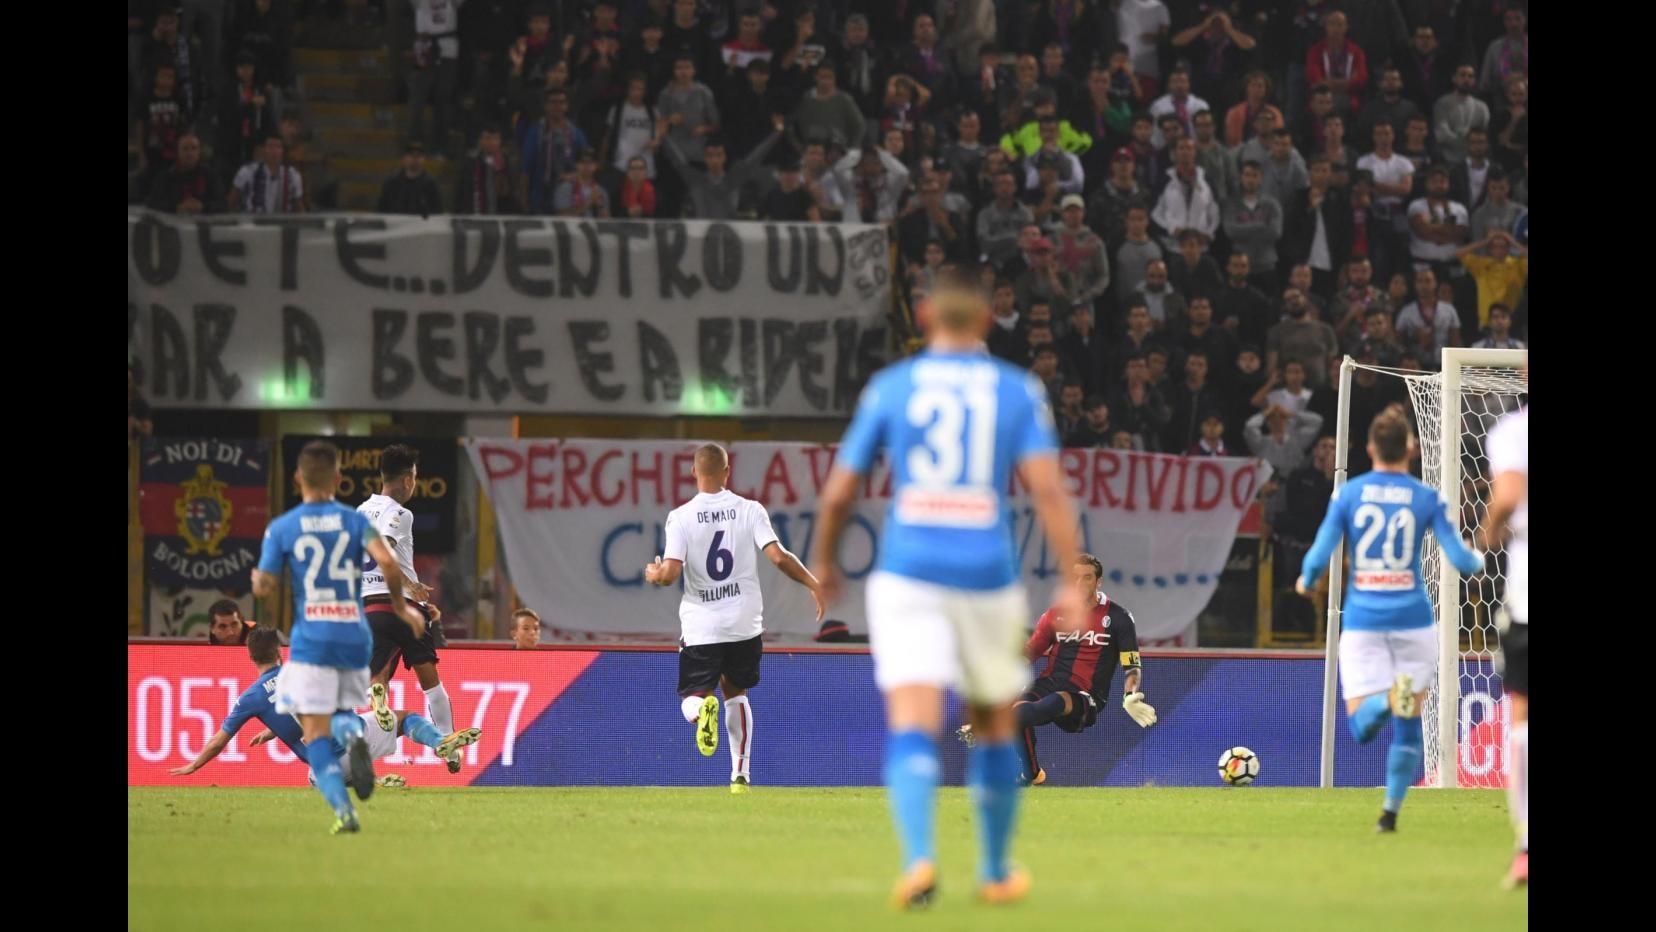 Bologna-Napoli, il fotoracconto della partita: 0-3